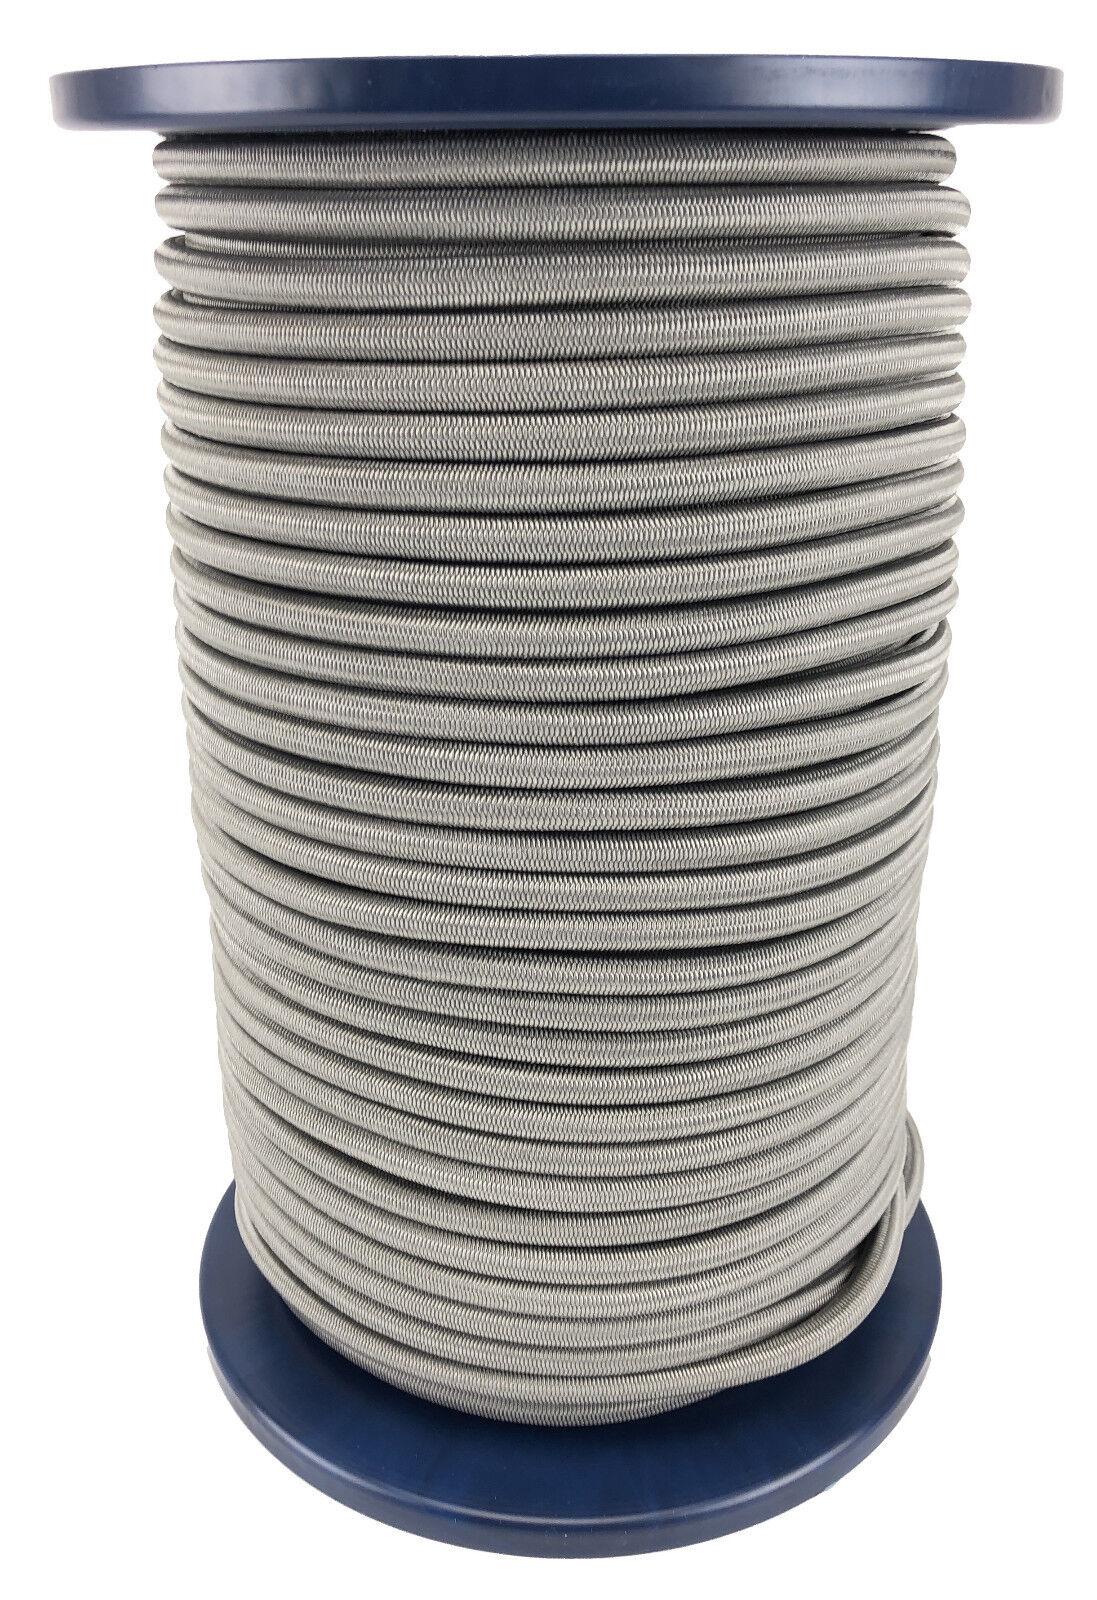 8mm gris Cuerda Elástica  Cuerda X 100 Metros Cuerda Elástica Anudable  garantía de crédito